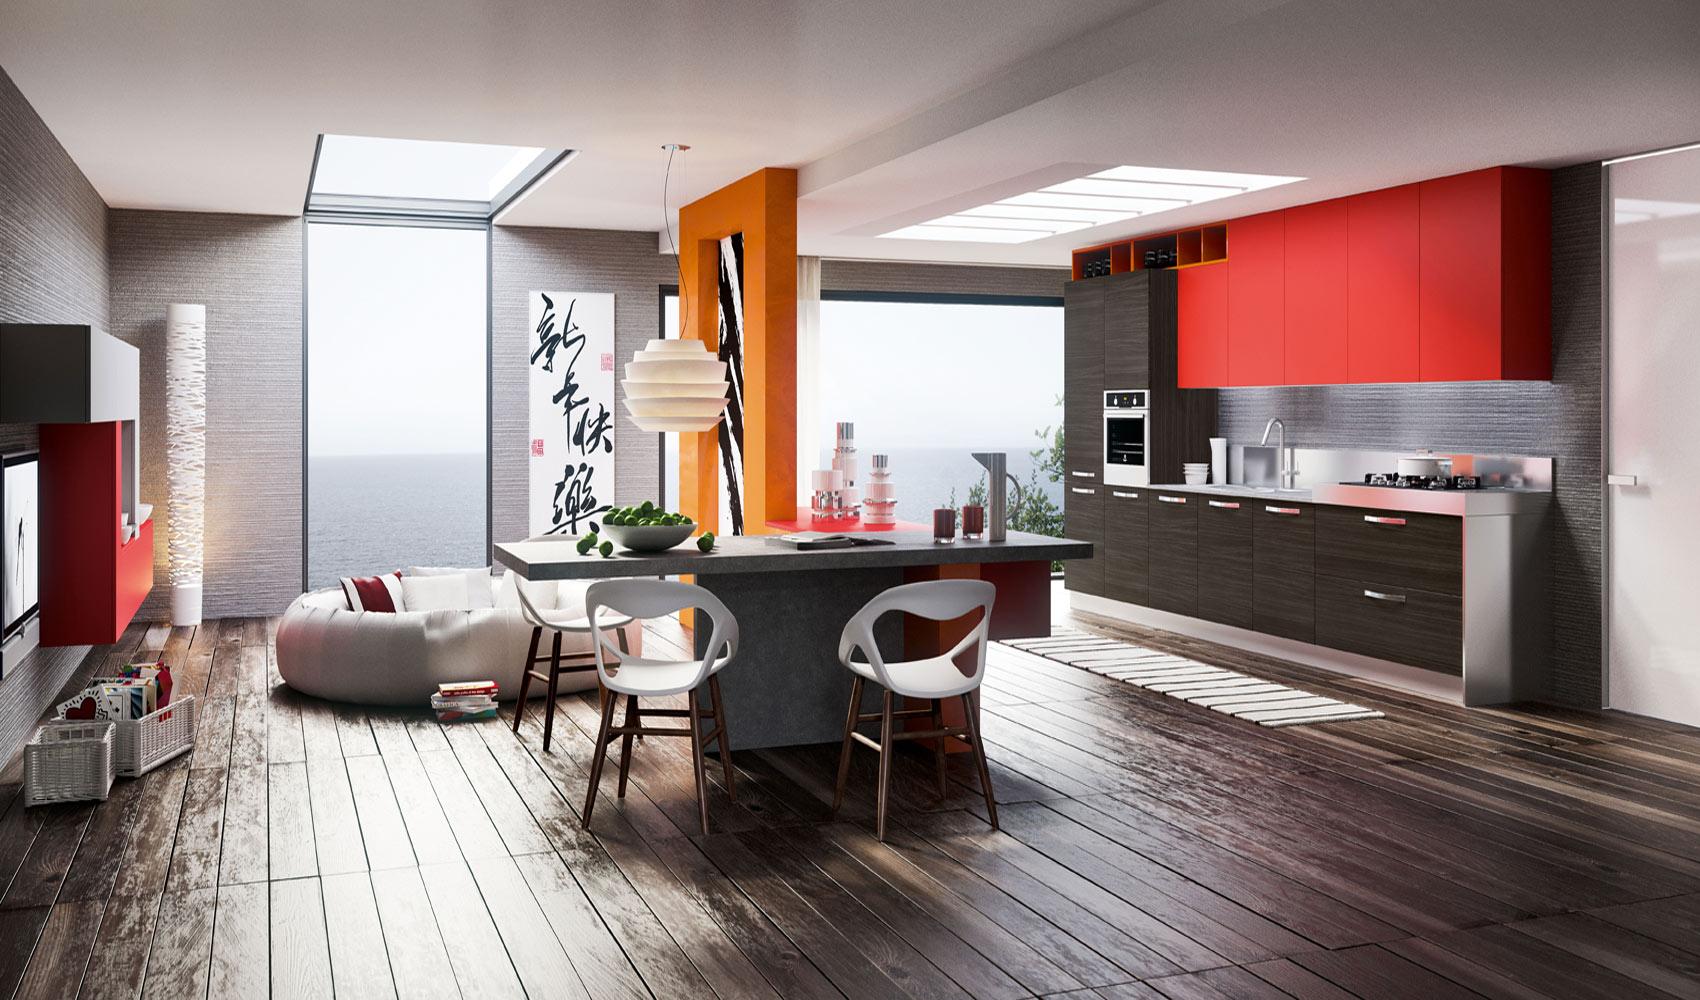 Dise o de cocina moderna color rojo y gris construye hogar for Pisos para cocina moderna